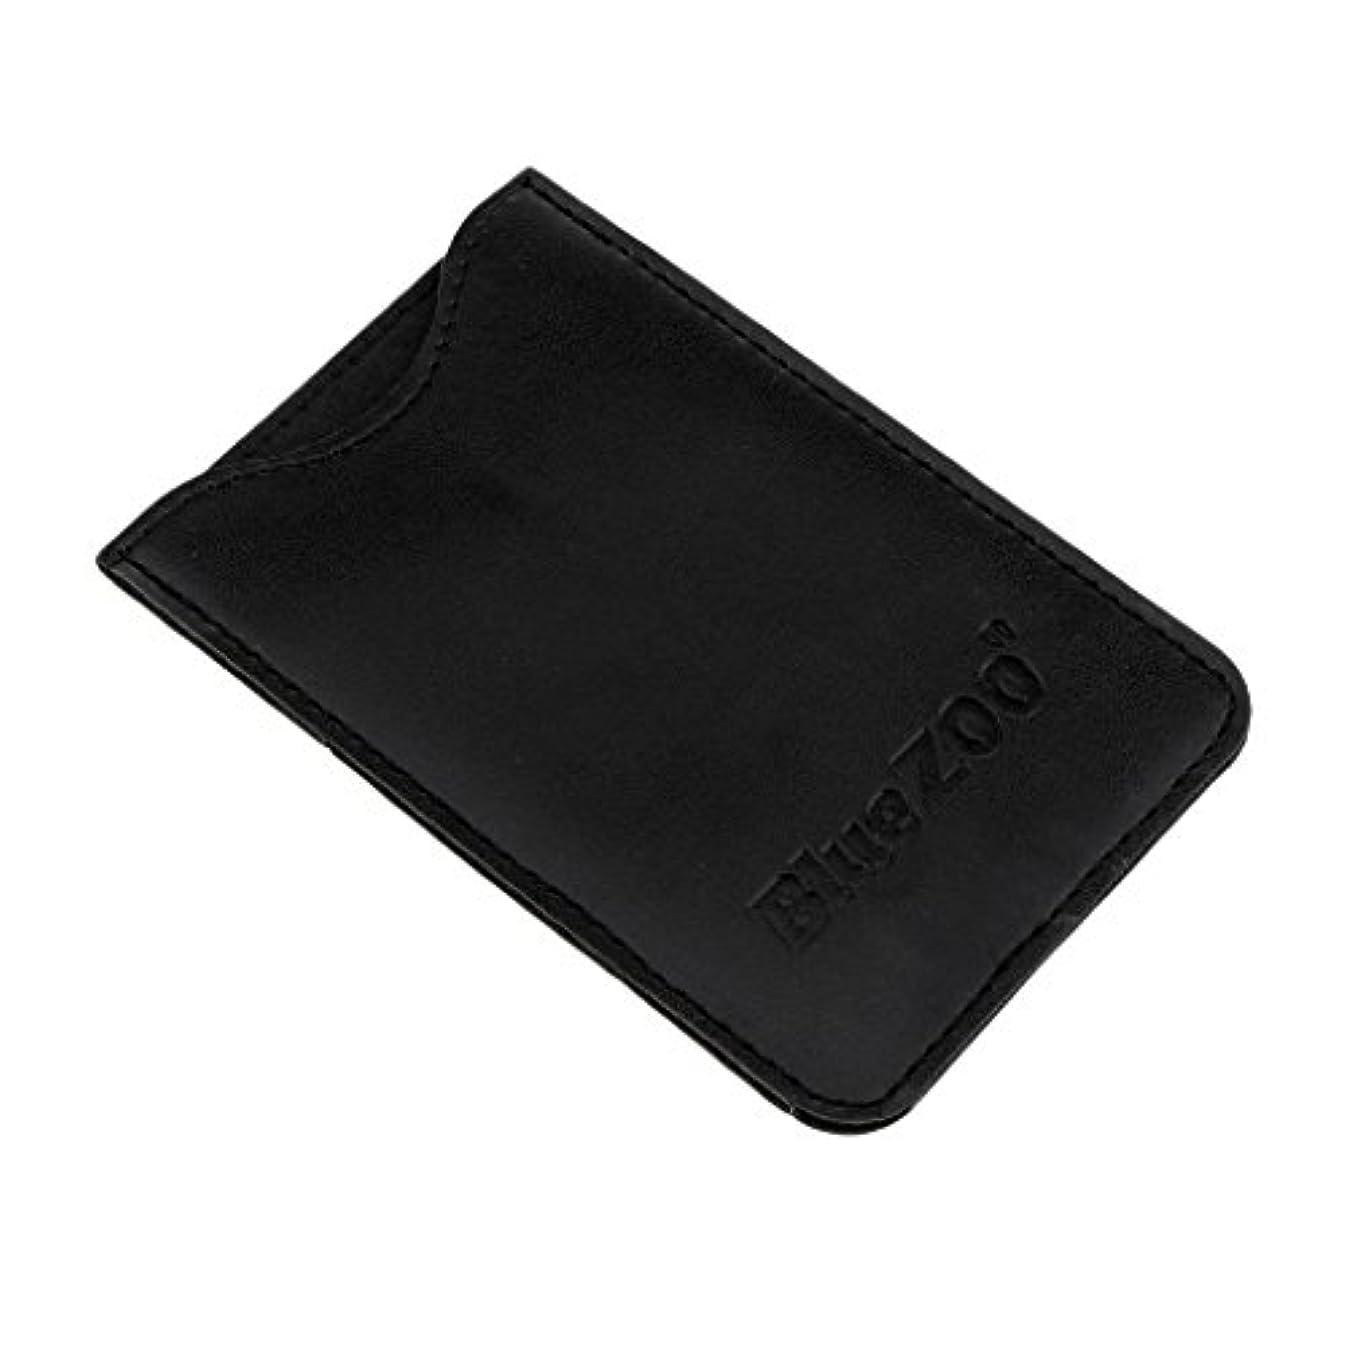 アクセサリーに観点Perfk PUレザー バッグ 収納ケース 保護カバー 櫛/名刺/IDカード/銀行カード 収納パック 便利 全2色  - ブラック